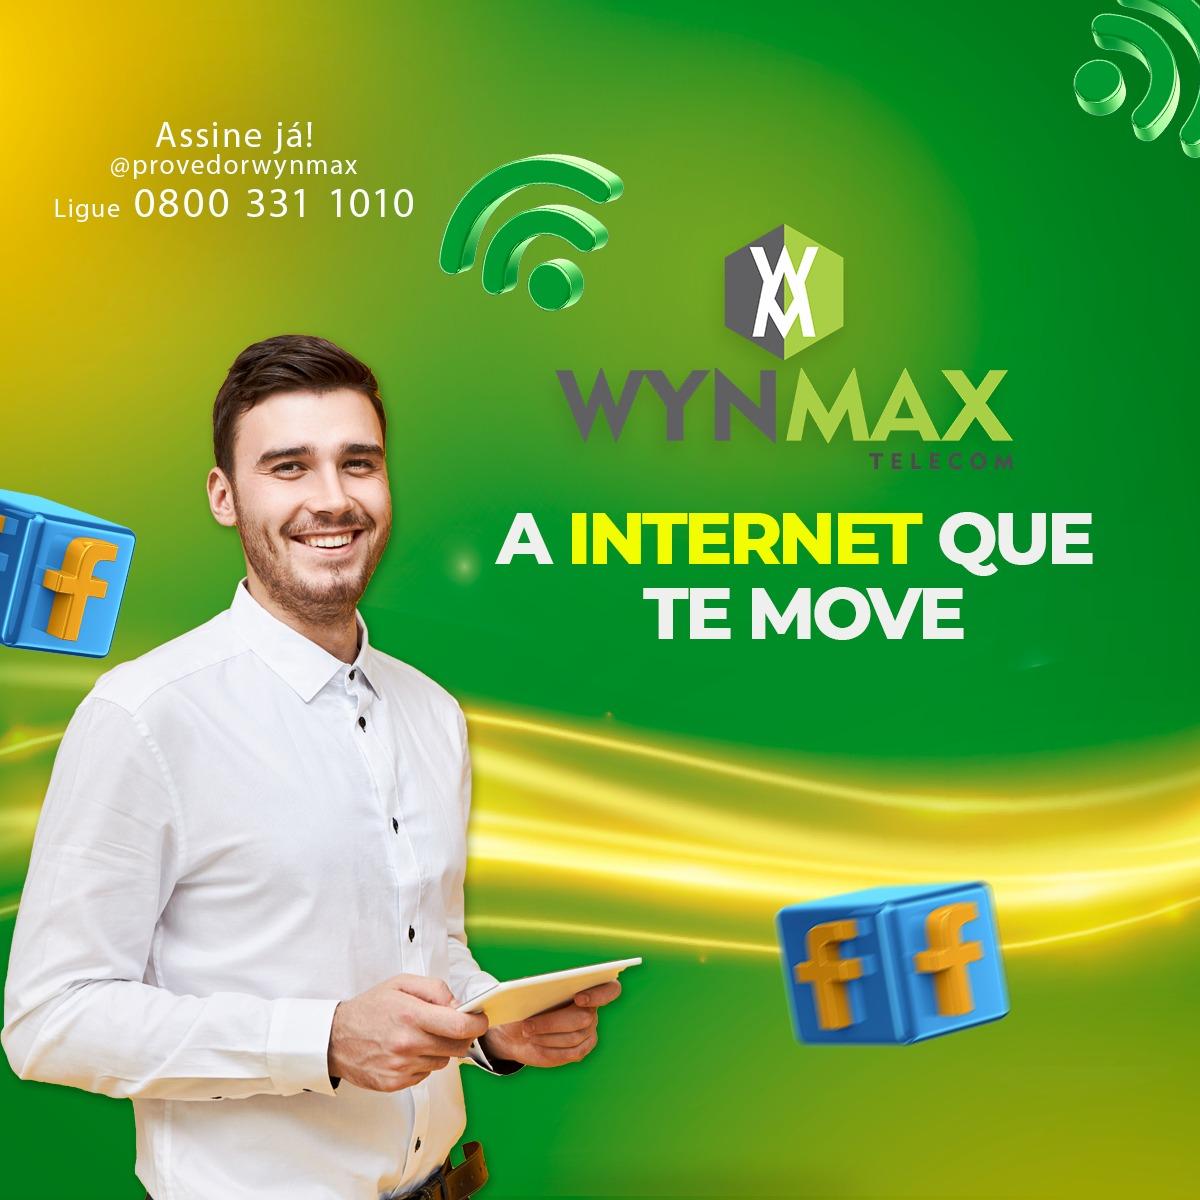 Assine já a melhor internet de Inhuma- wynmax telecom - Imagem 3